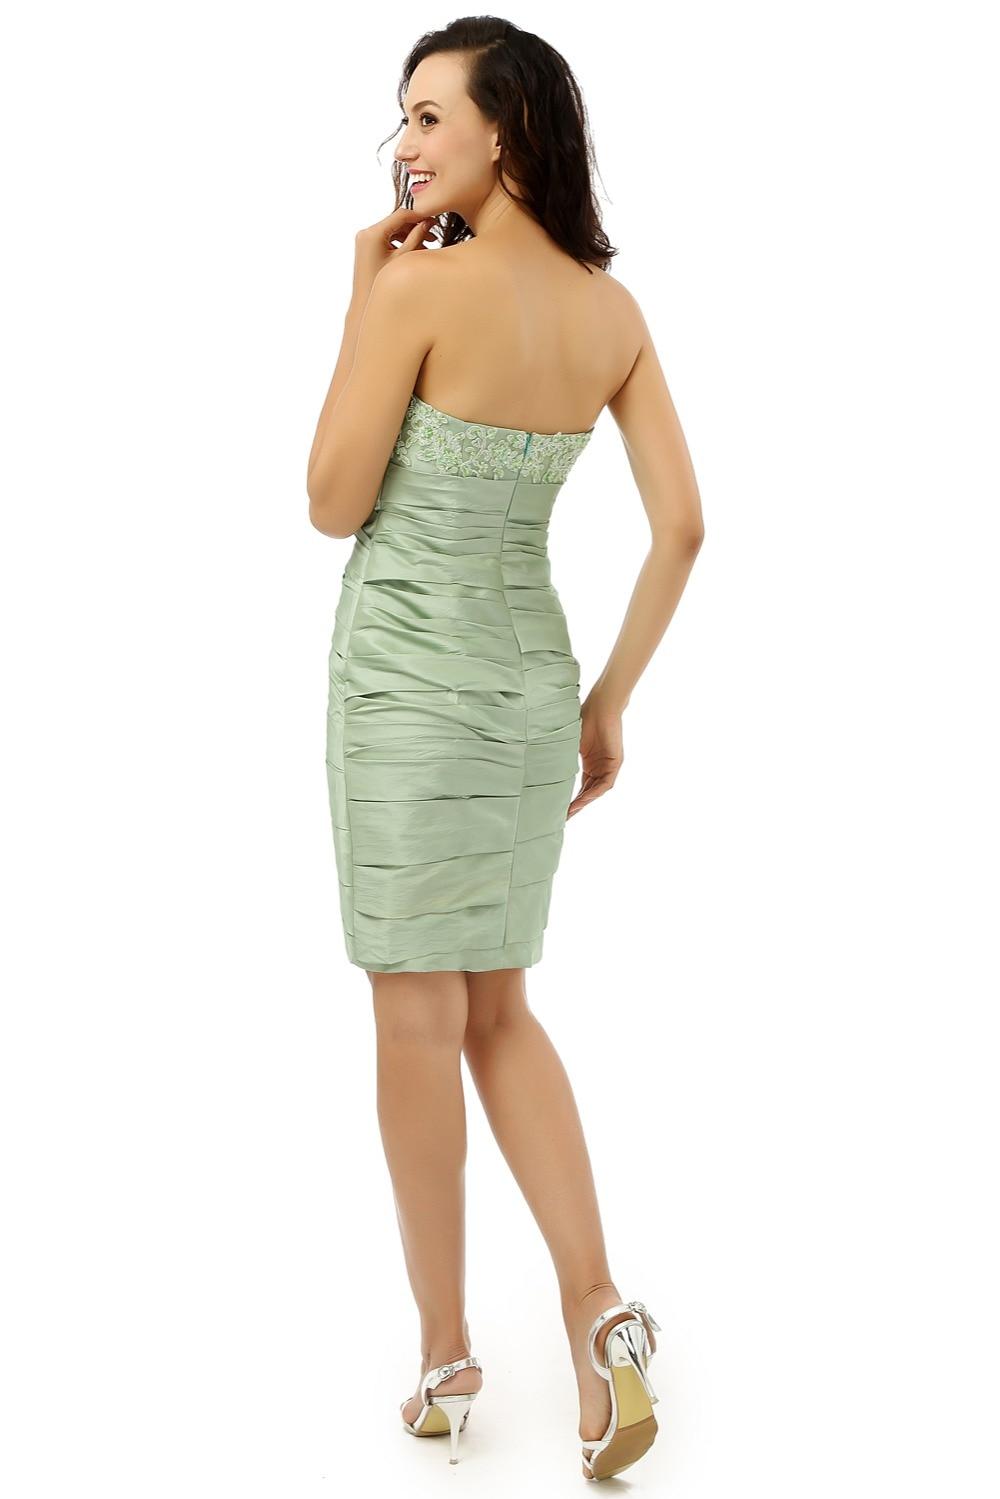 Ungewöhnlich Mutter Kleid Für Die Hochzeit Galerie - Brautkleider ...